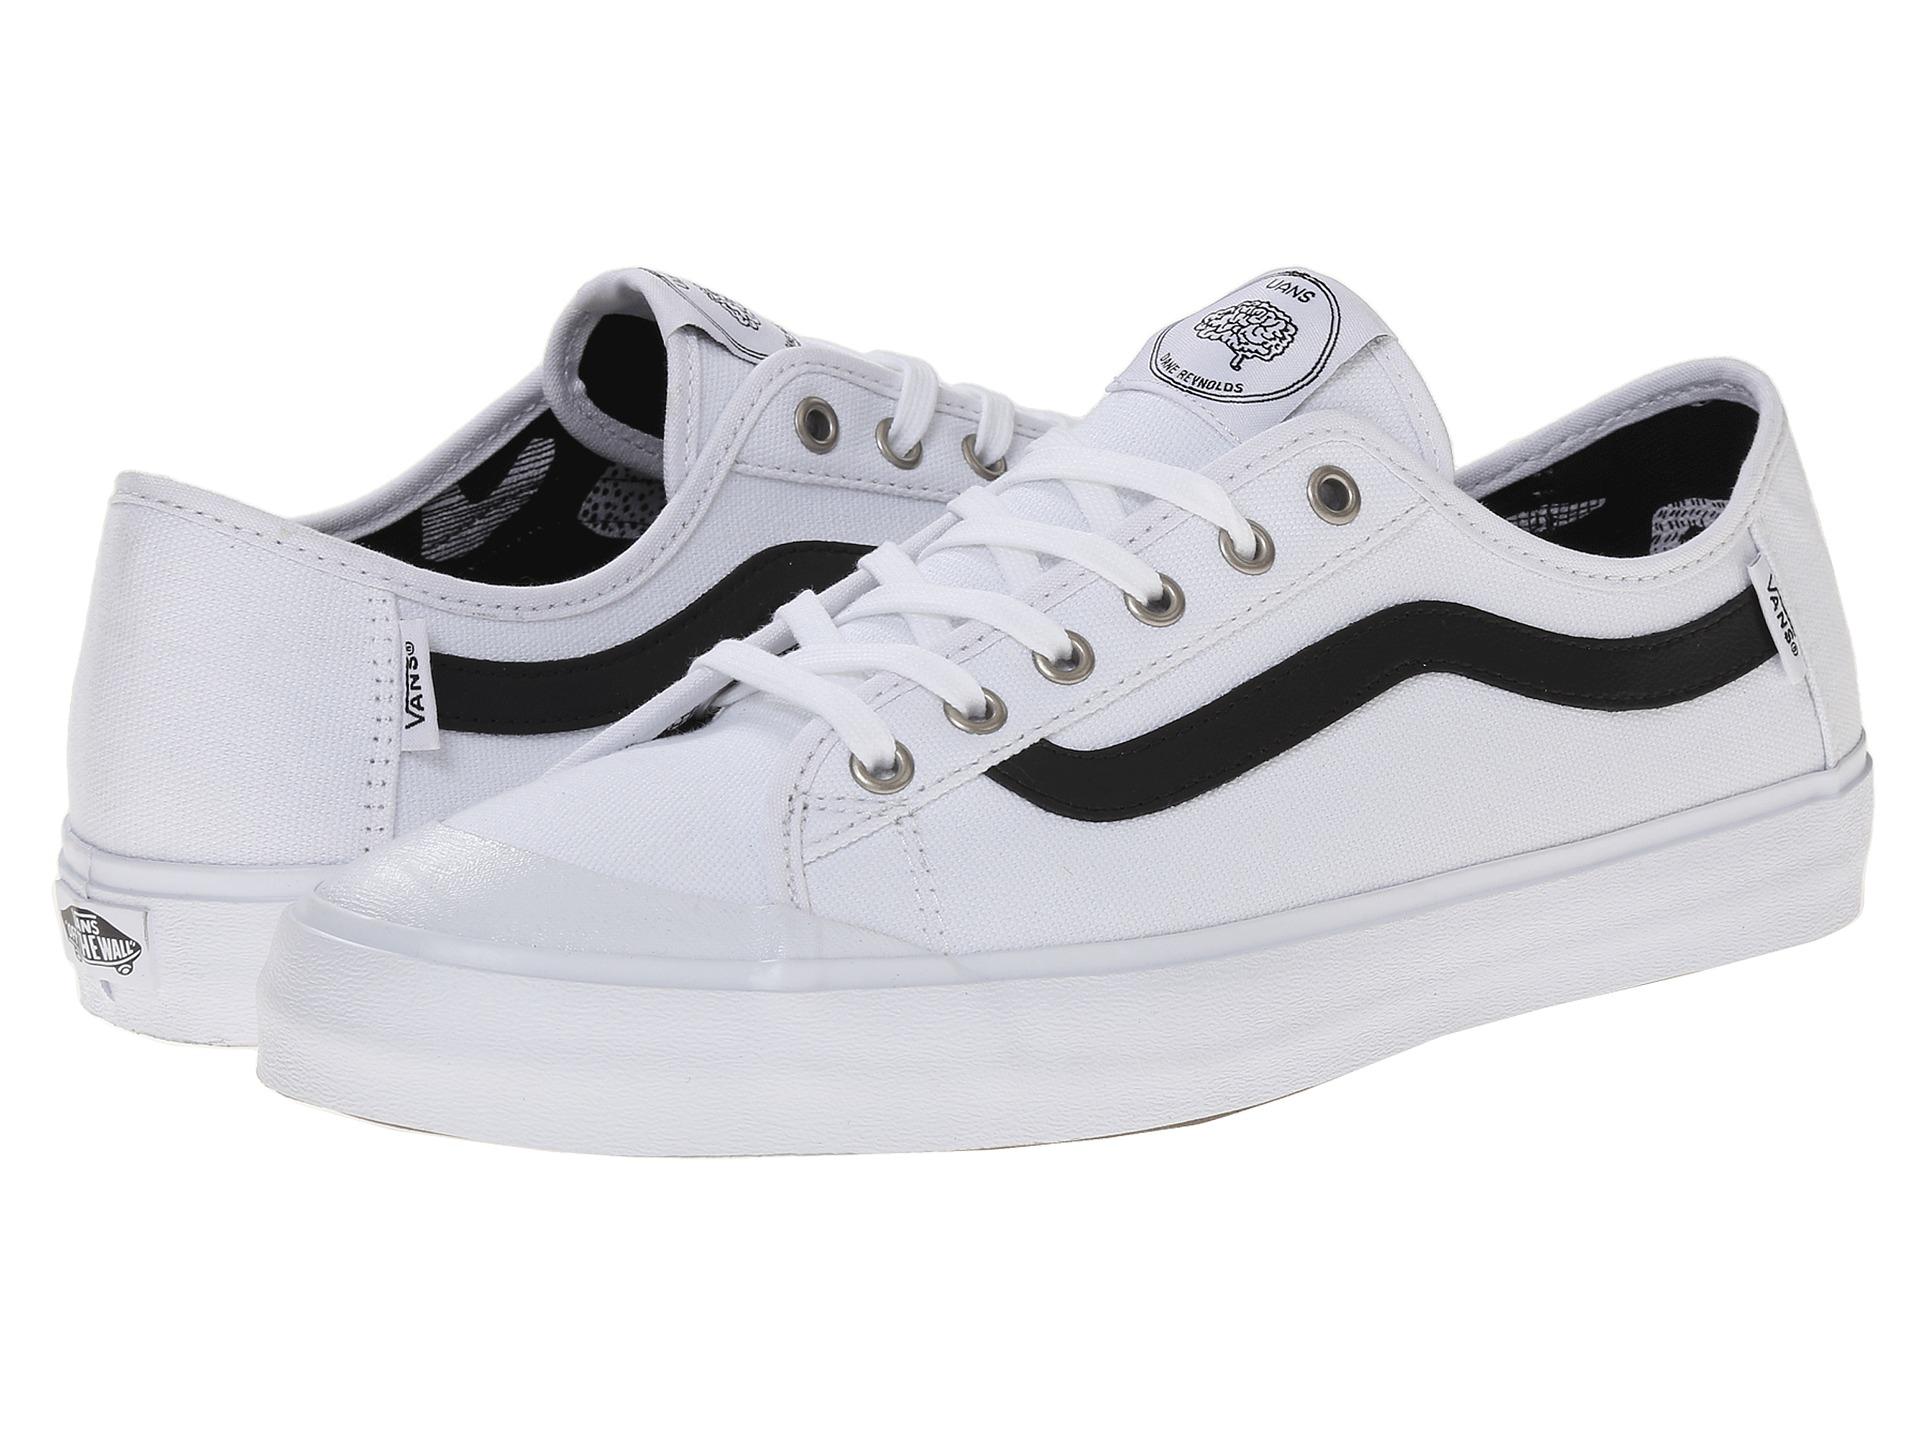 Lyst - Vans Black Ball Sf in White for Men 411033bab